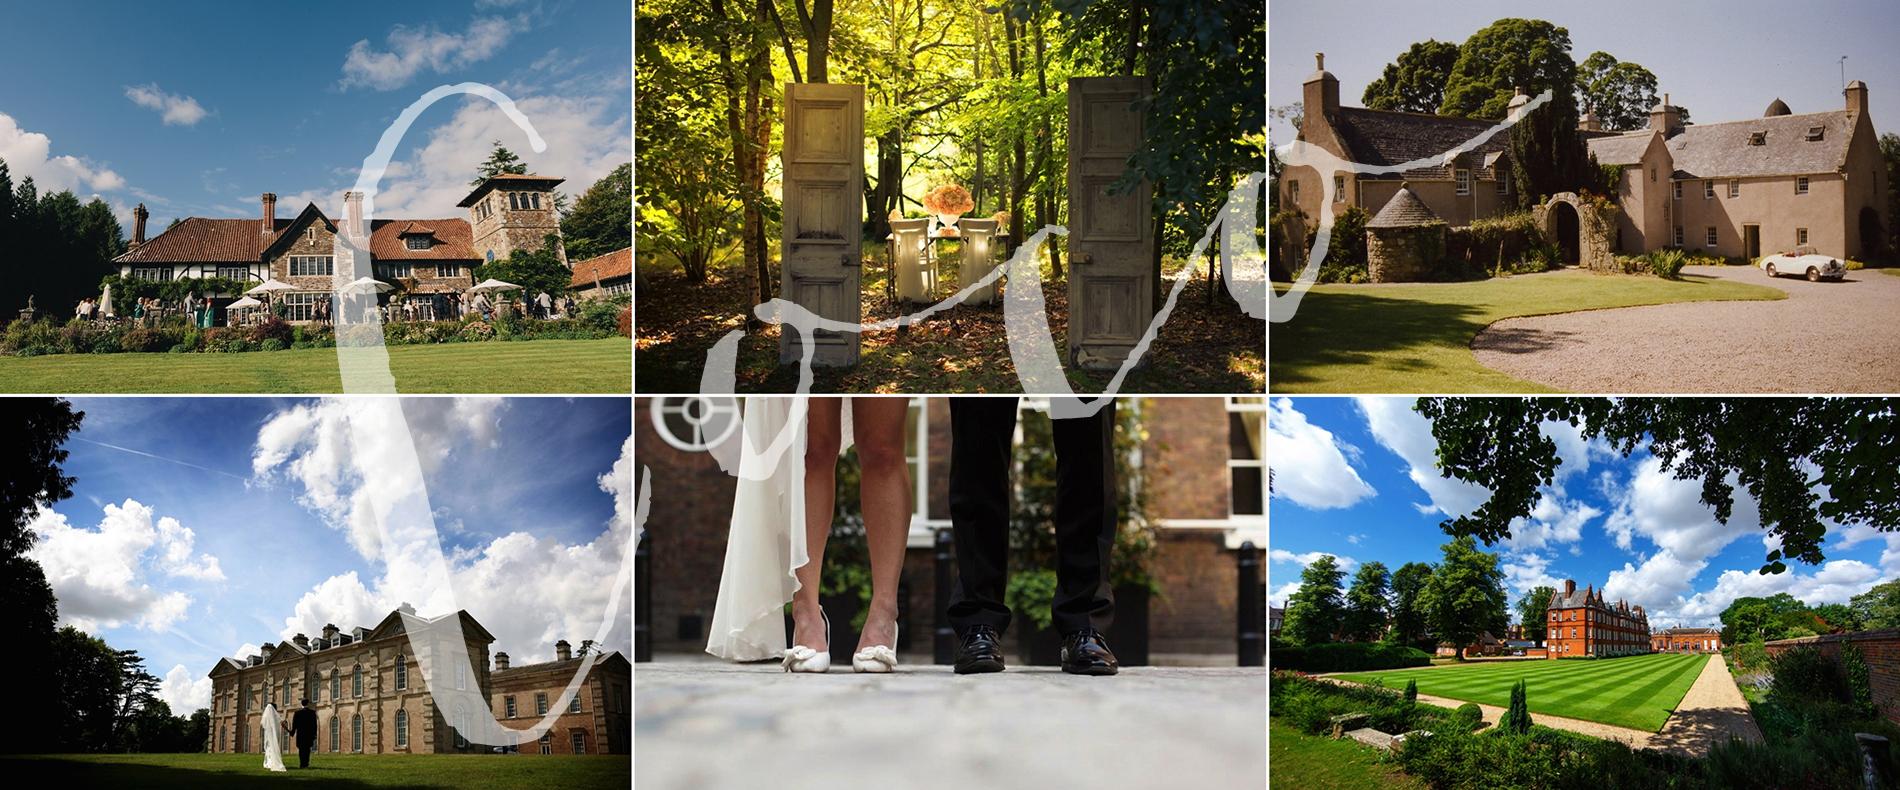 Coco Wedding Venues - Coco Collection - Collage.